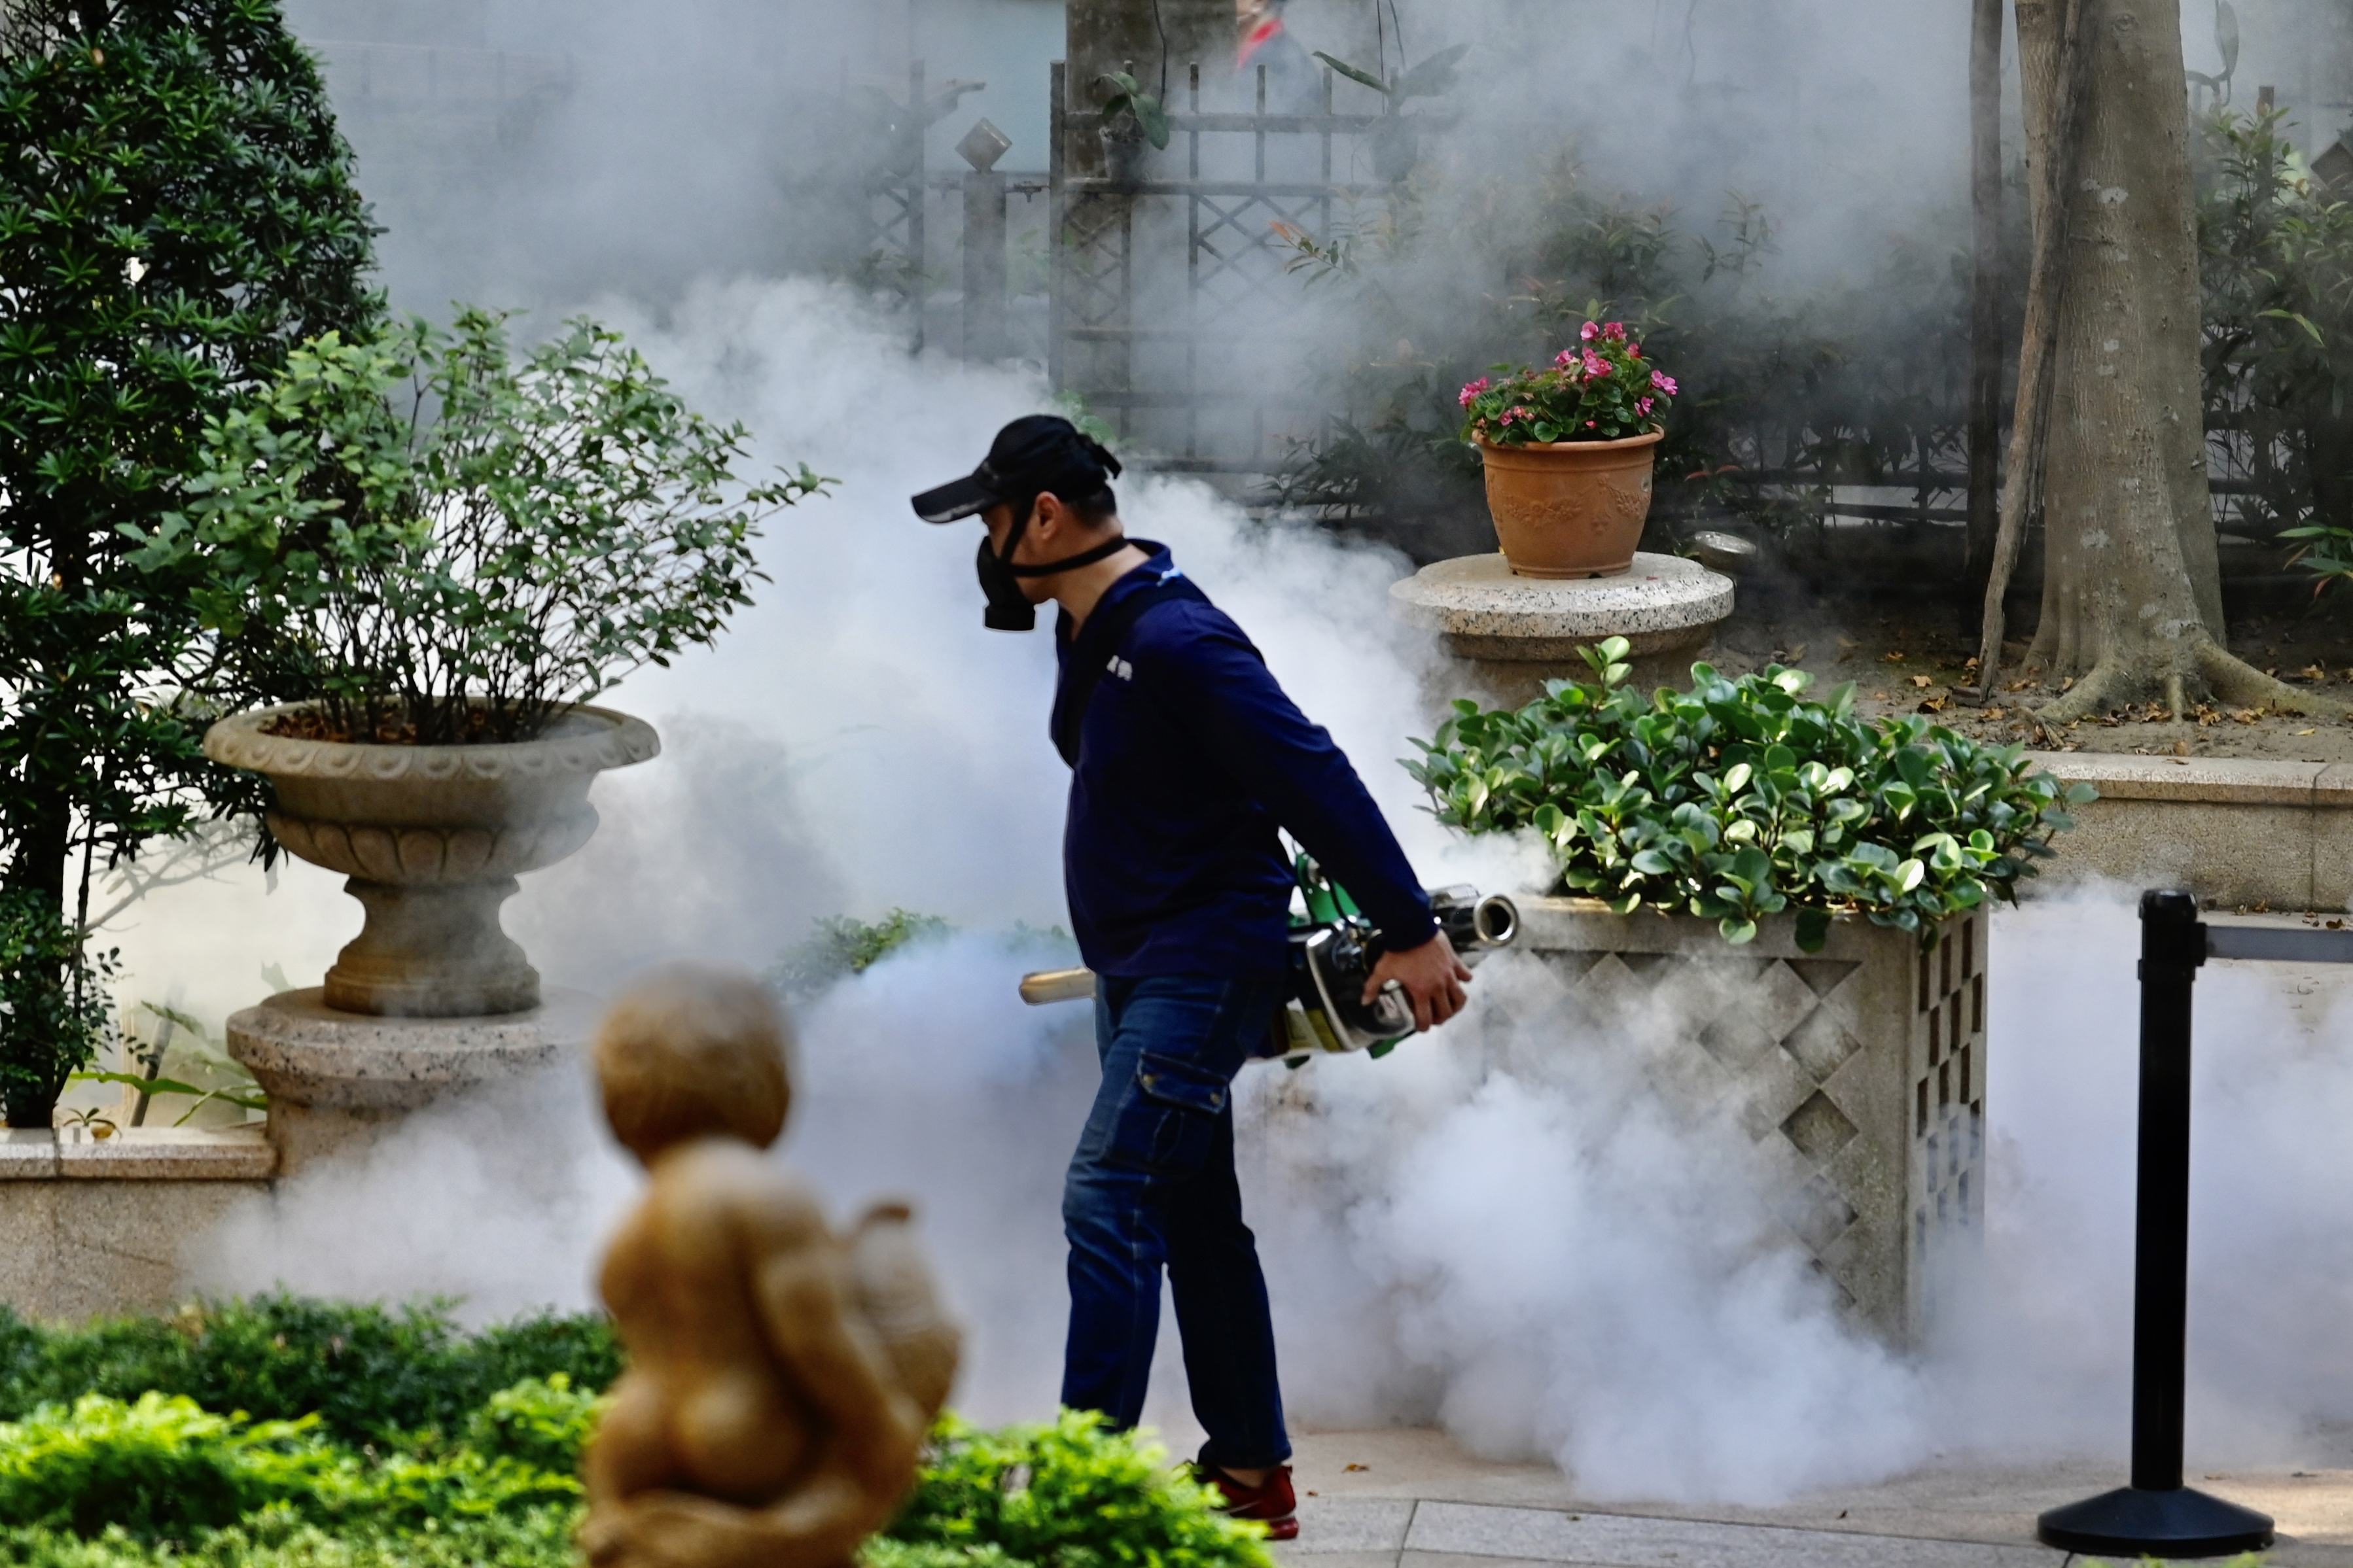 Desinfecção de área pública no distrito de Xindian, na Nova Taipei: 49 casos confirmados e uma morte - 09/03/2020